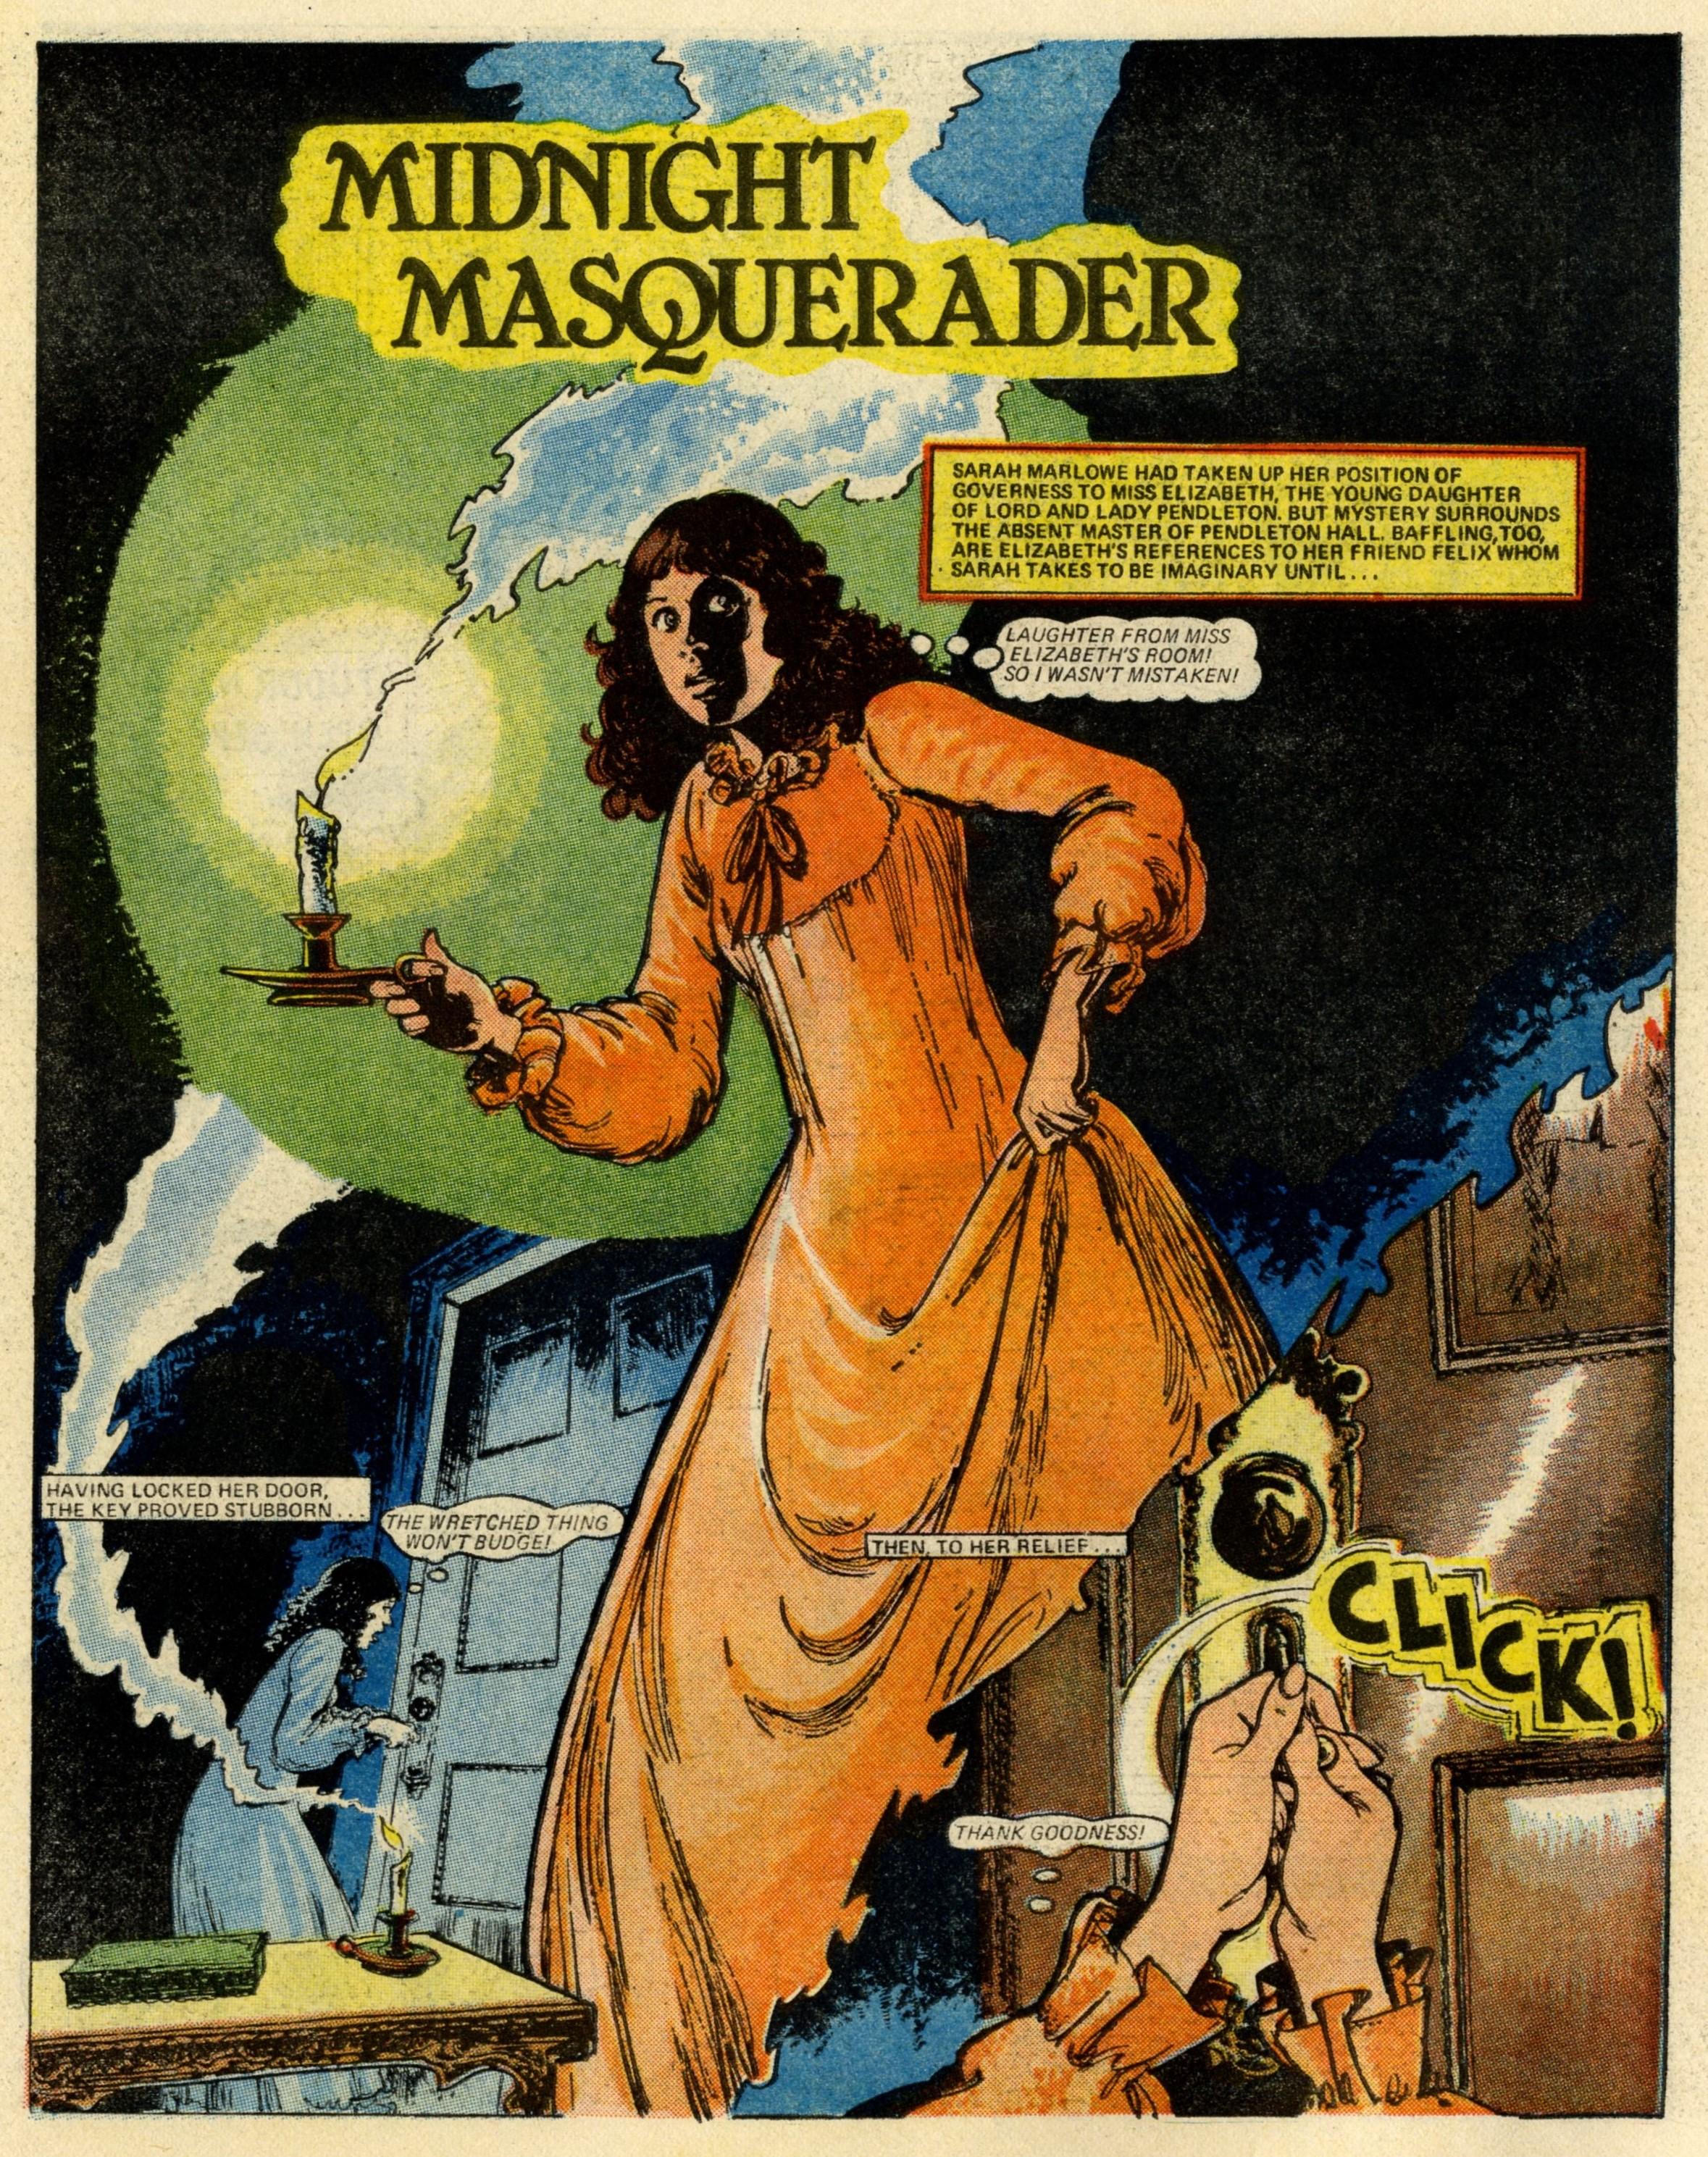 Midnight Masquerader: Brian Delaney (artist)